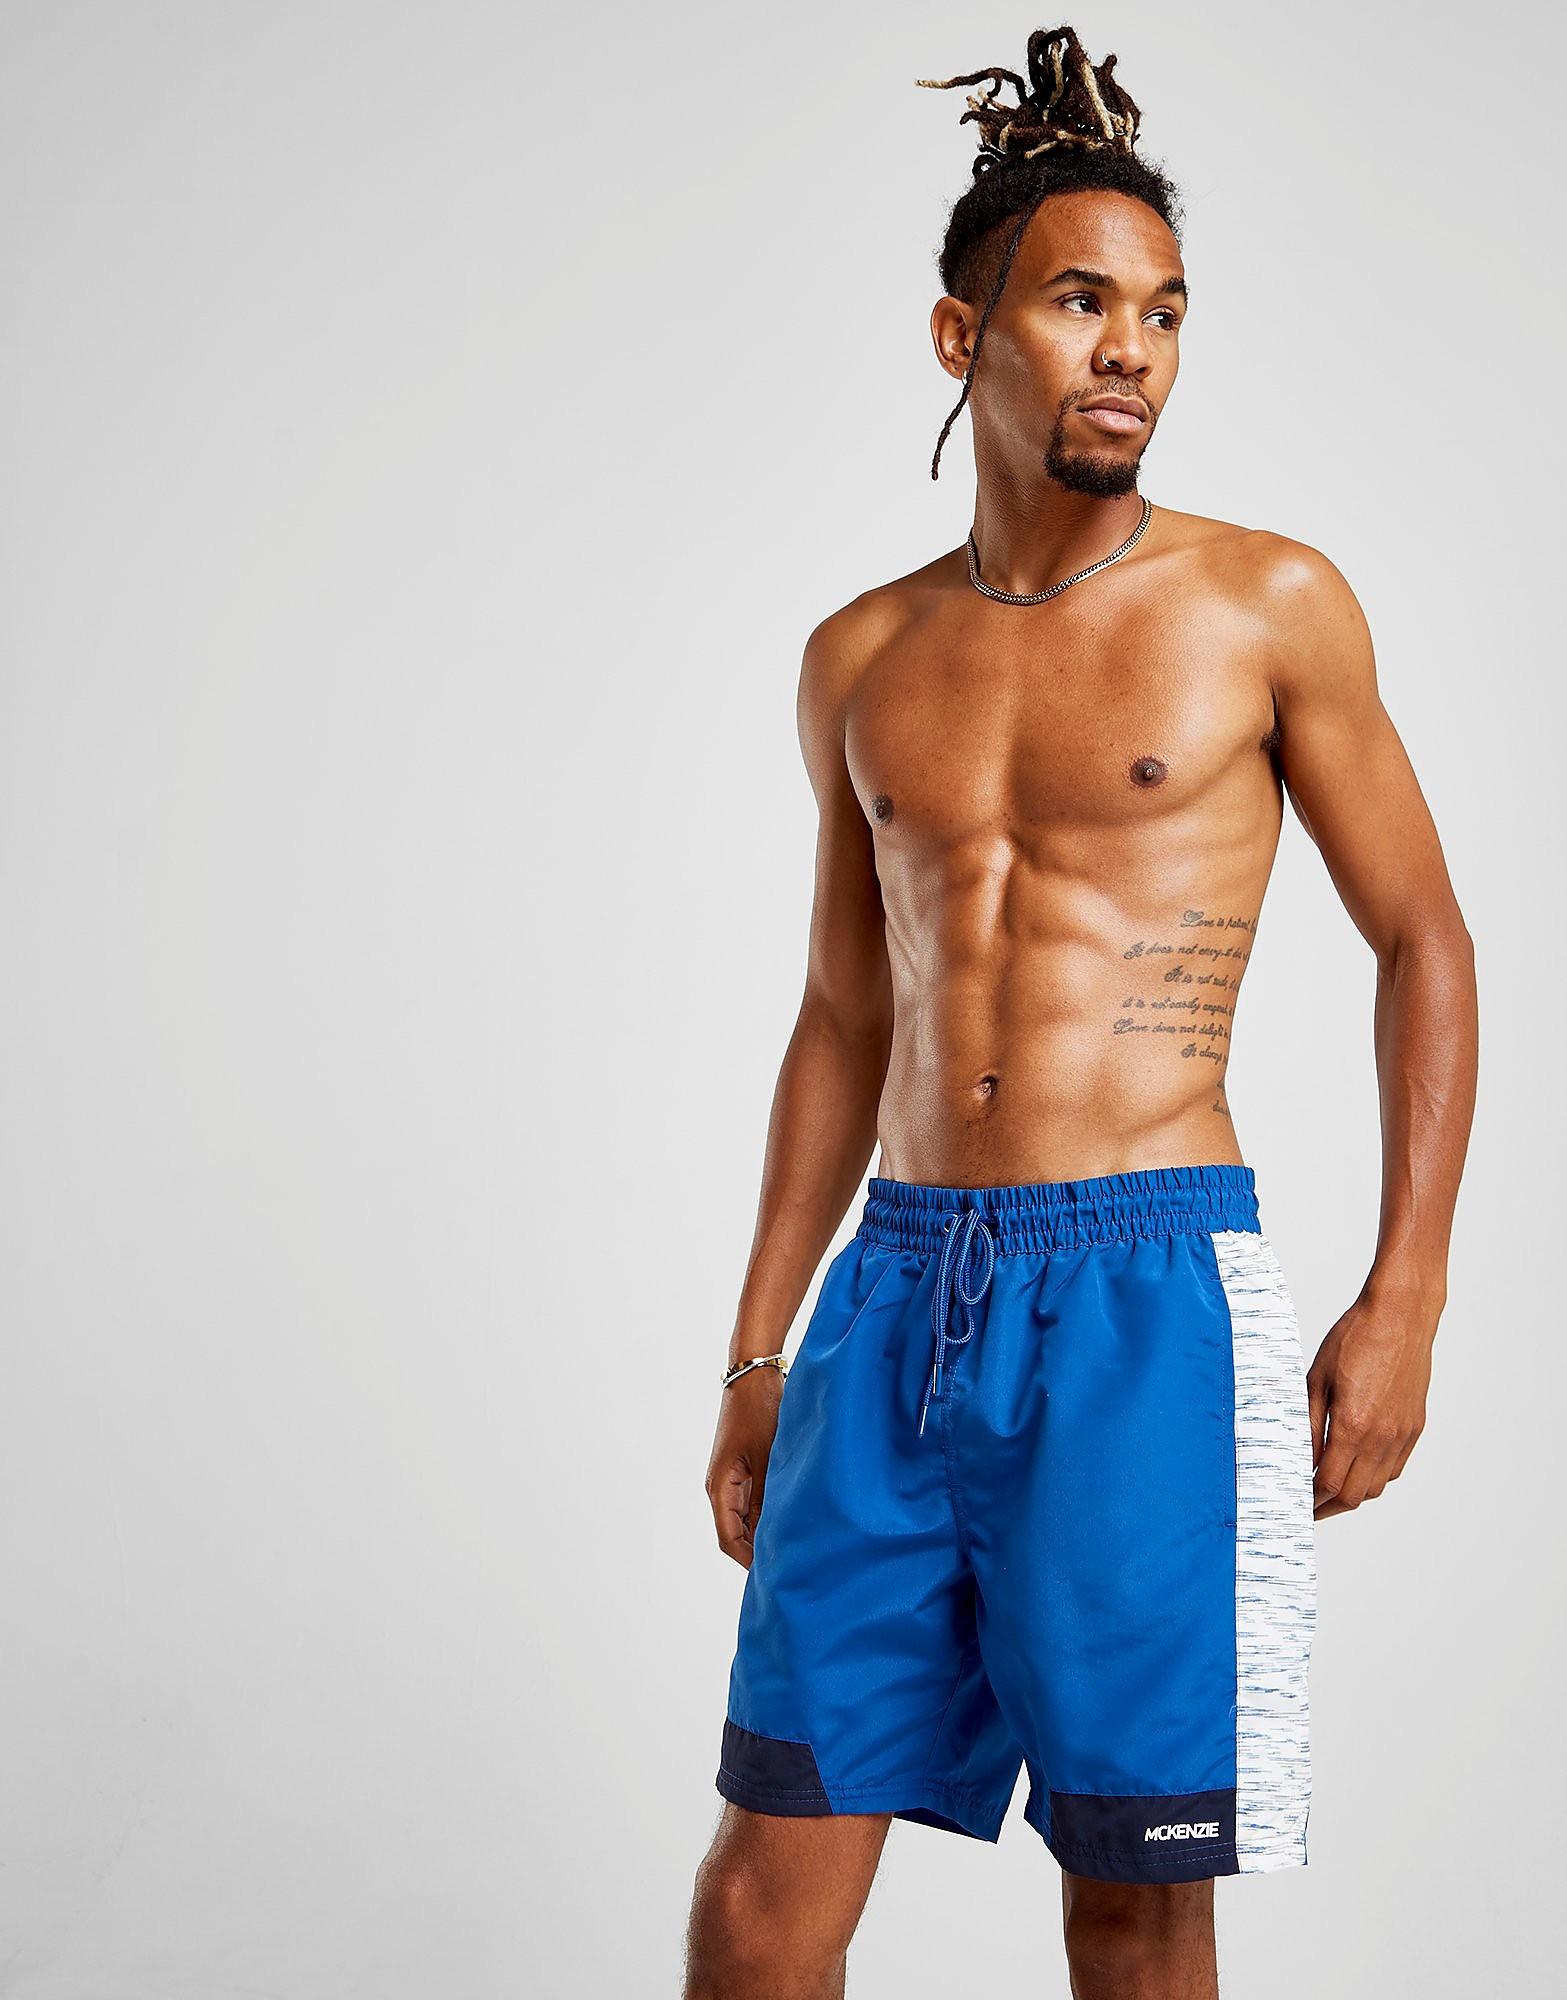 McKenzie Short de bain Banshee Swim Homme - Only at JD - Bleu, Bleu